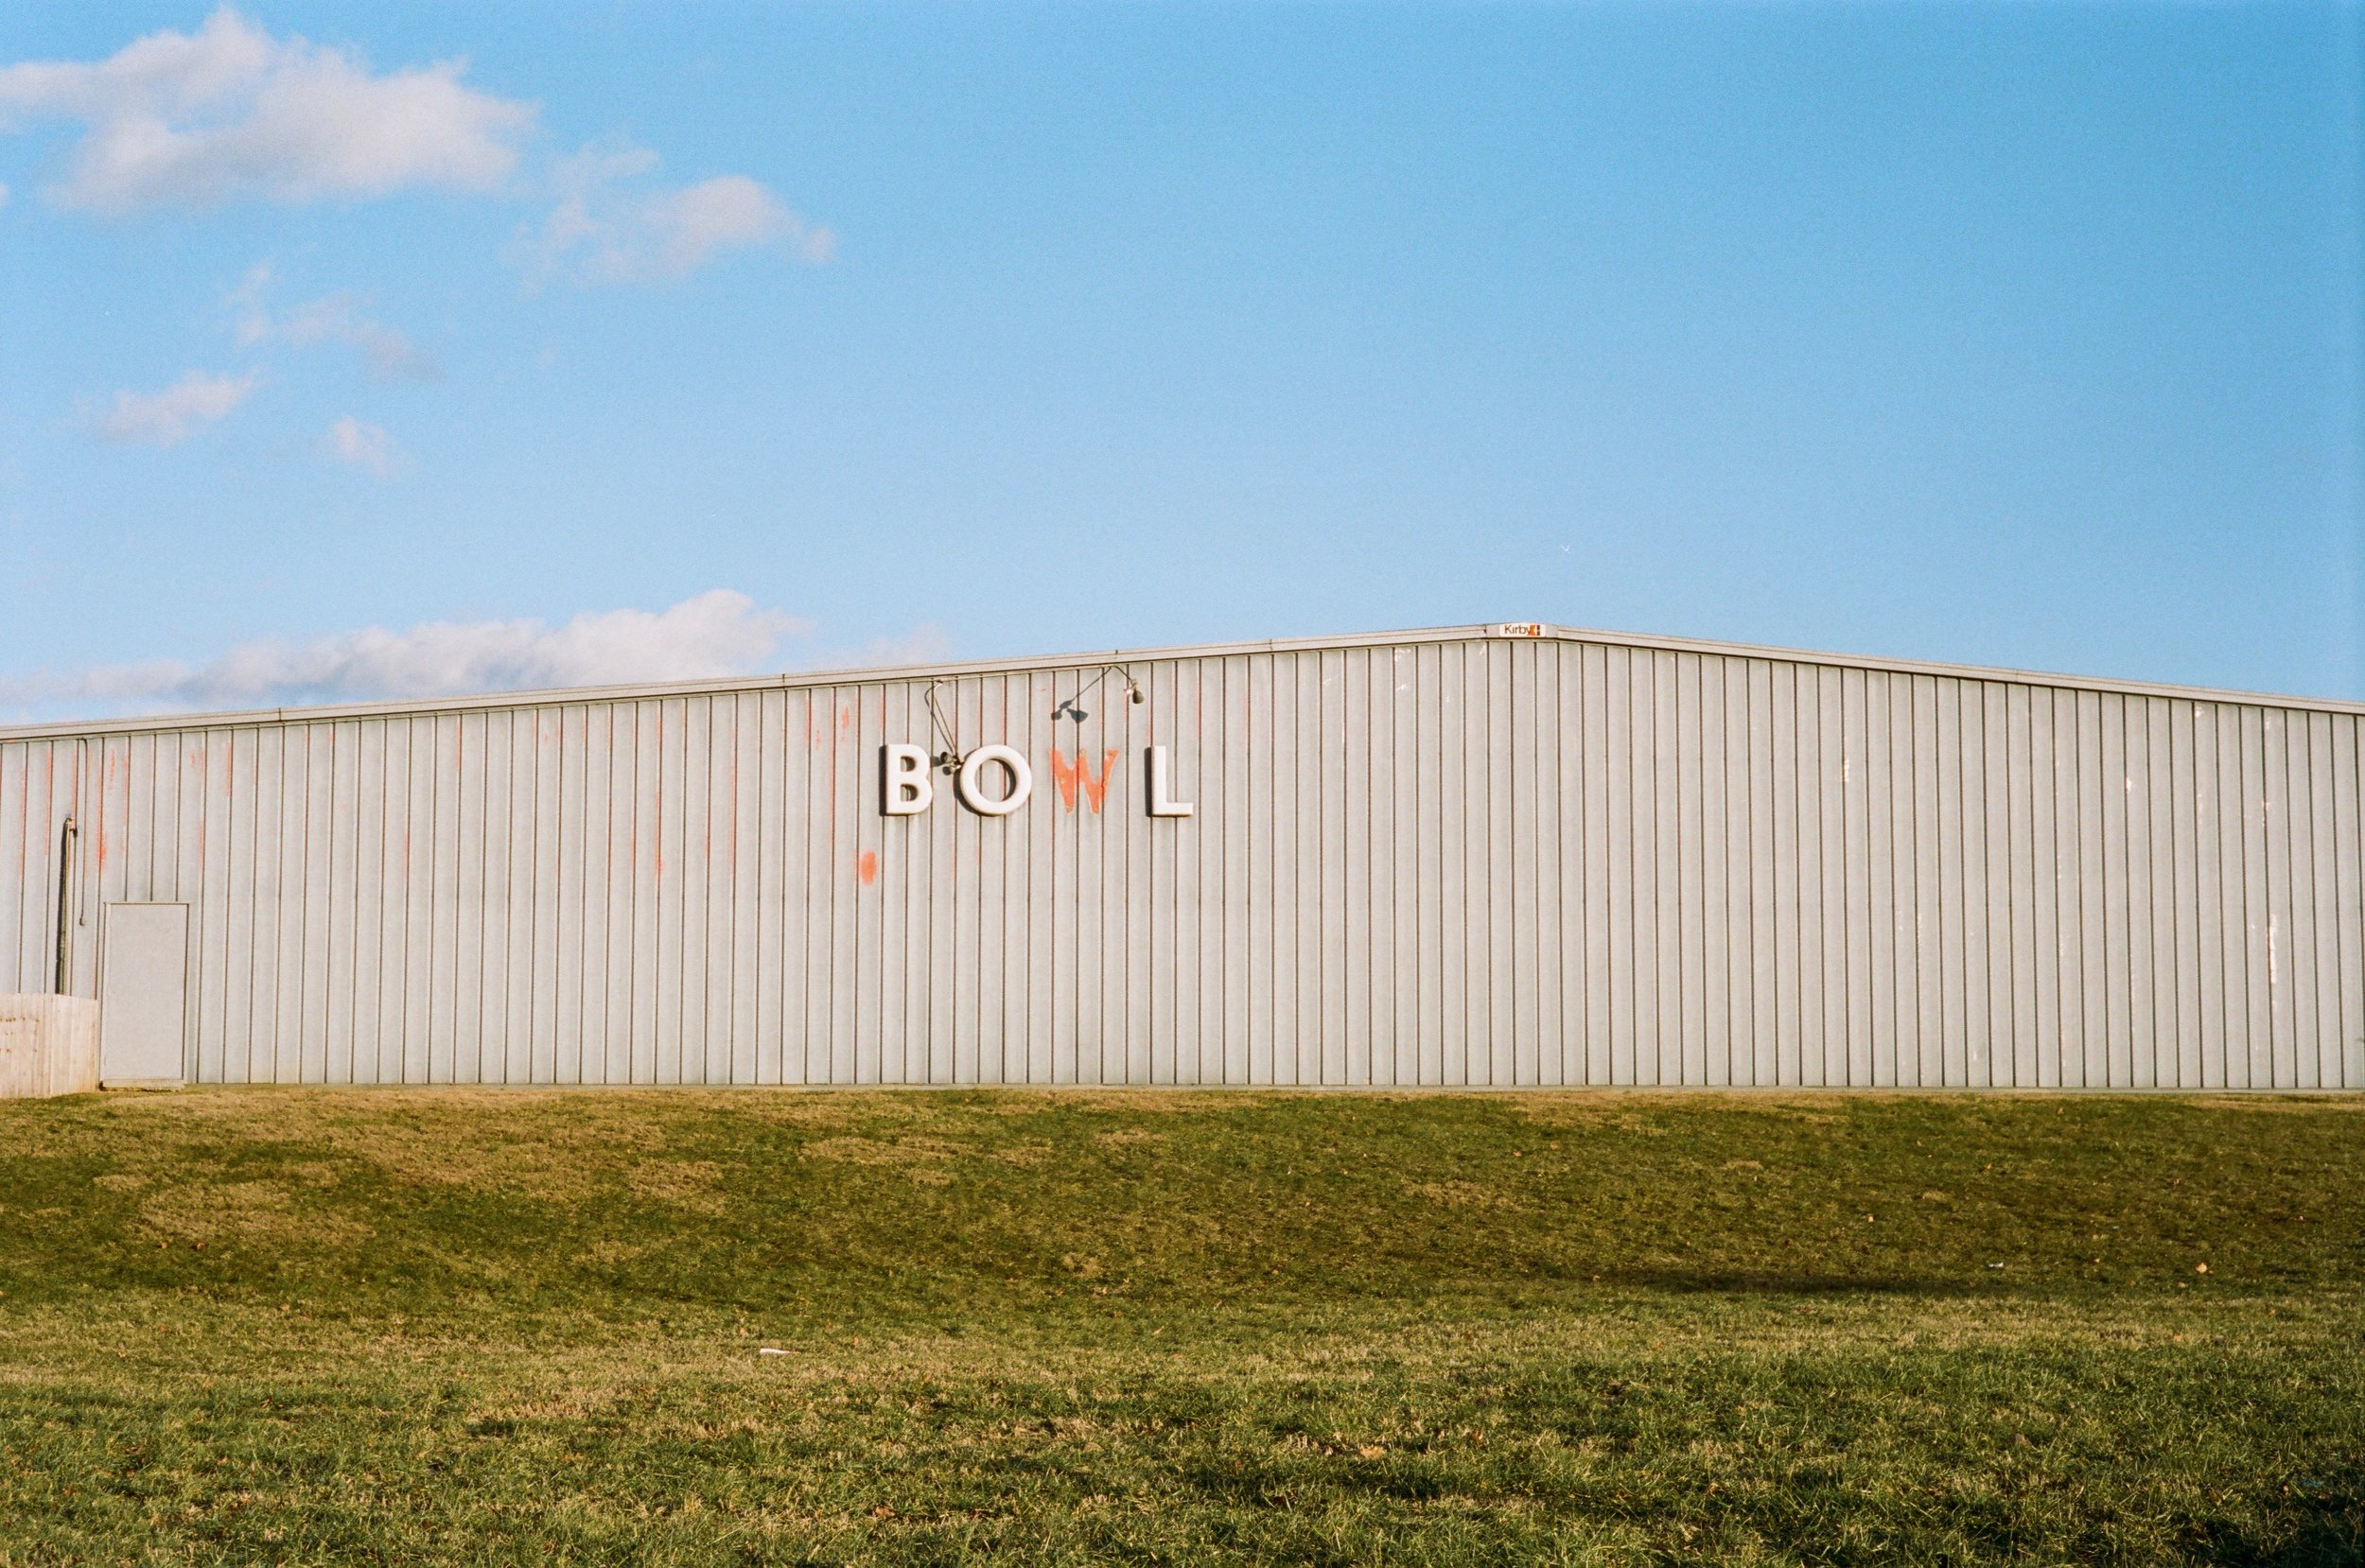 386BB1CB-B736-4533-98C8-22015C30C372.jpg